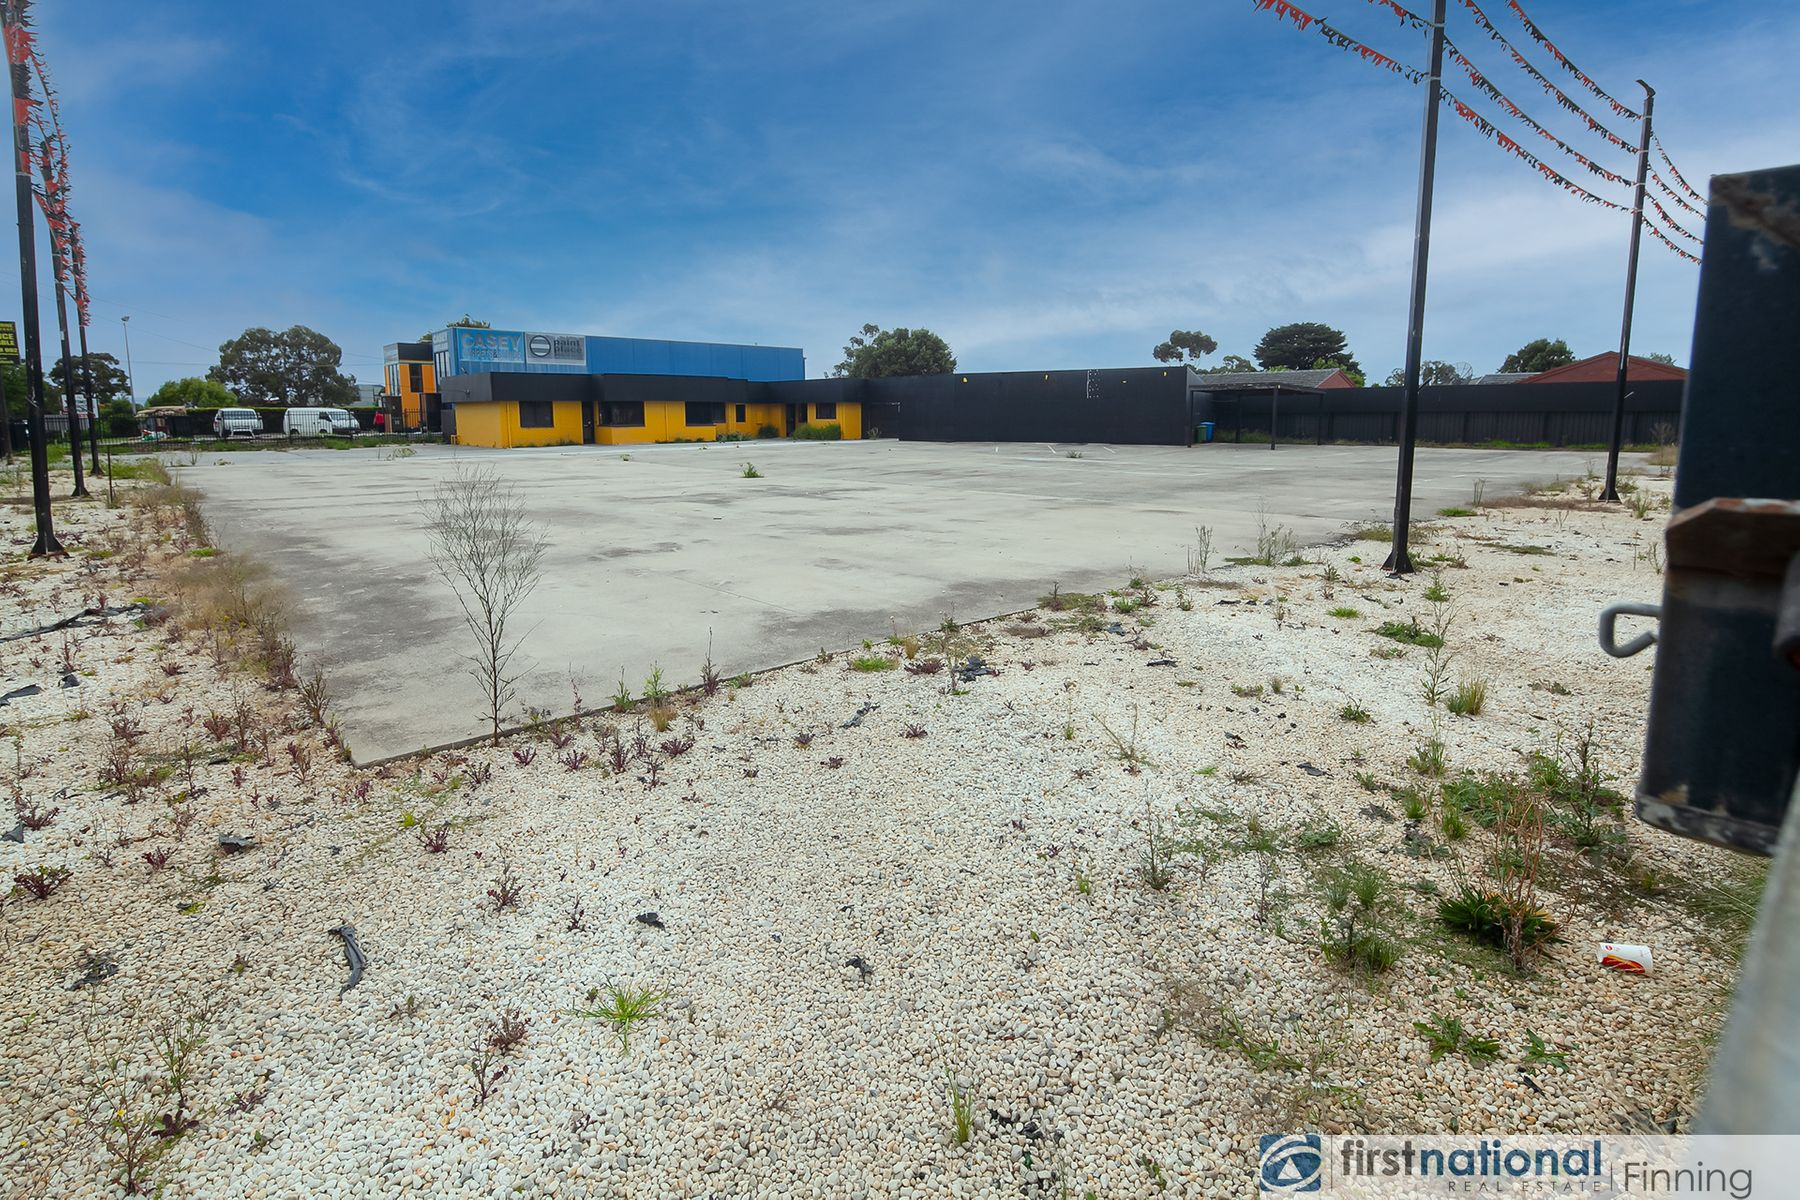 180-184 South Gippsland Highway, Cranbourne, VIC 3977